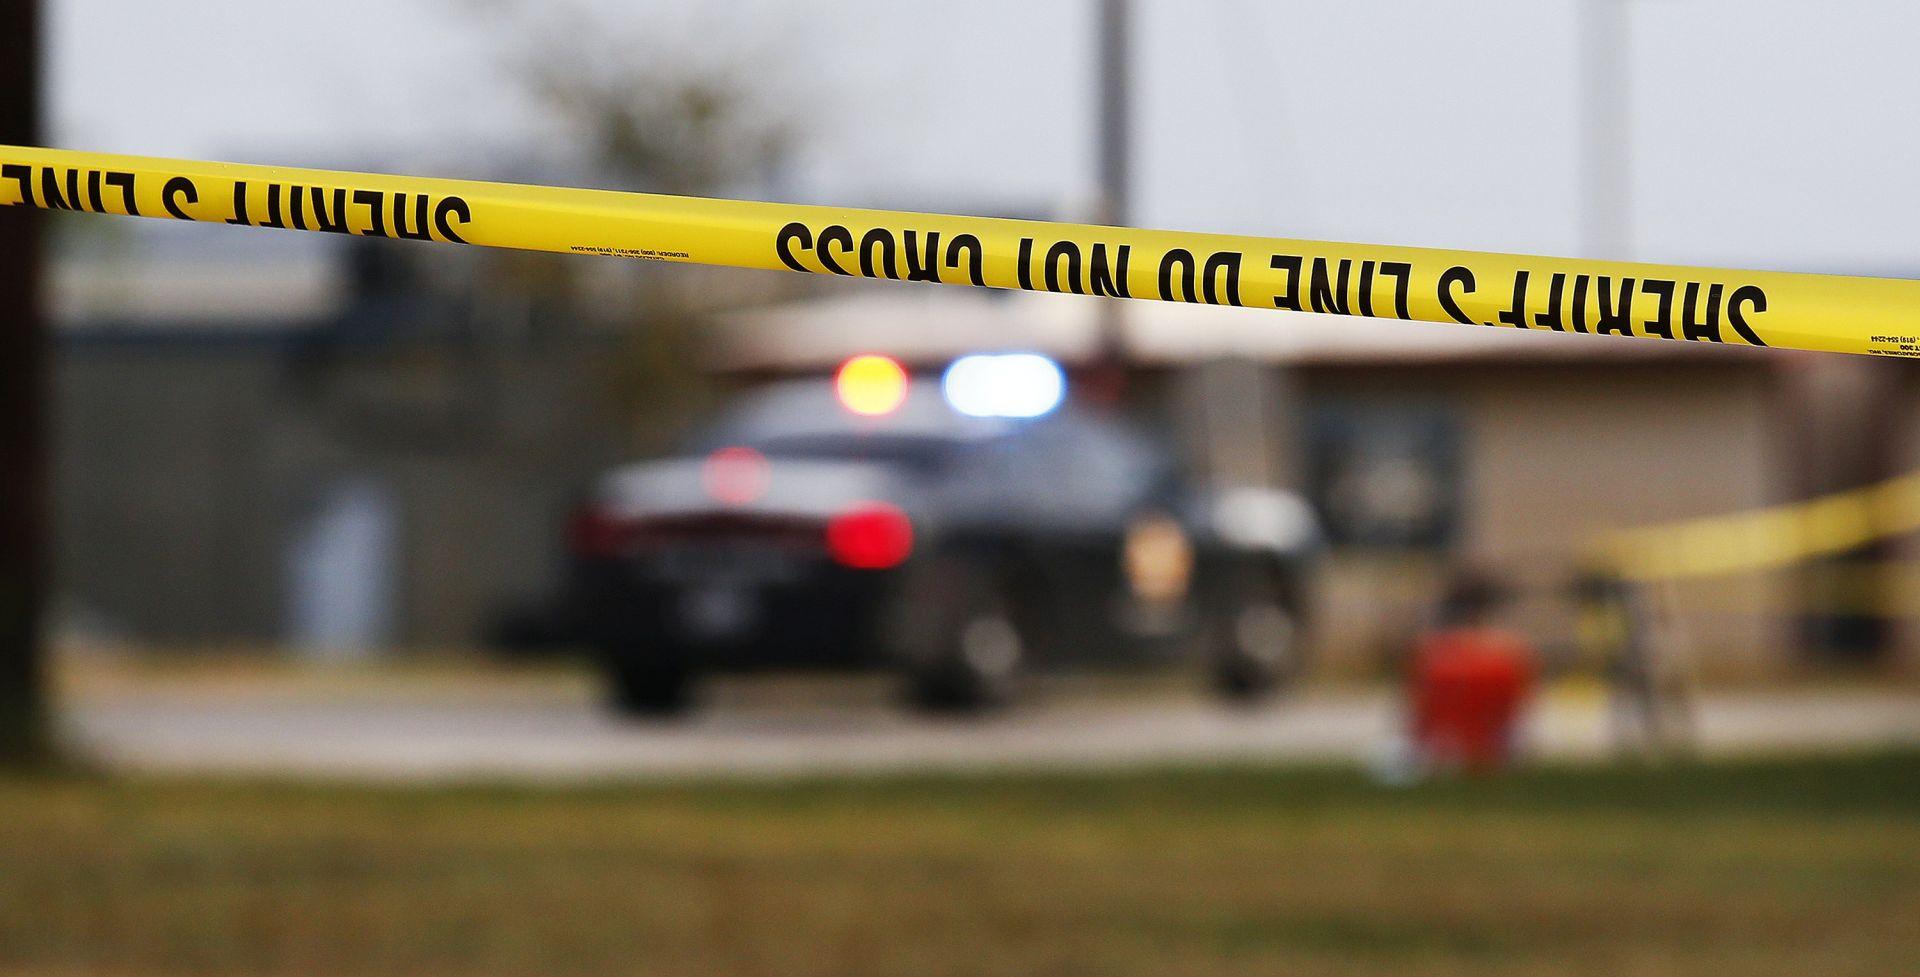 Četvero mrtvih u pucnjavi u banci u Cincinnatiju